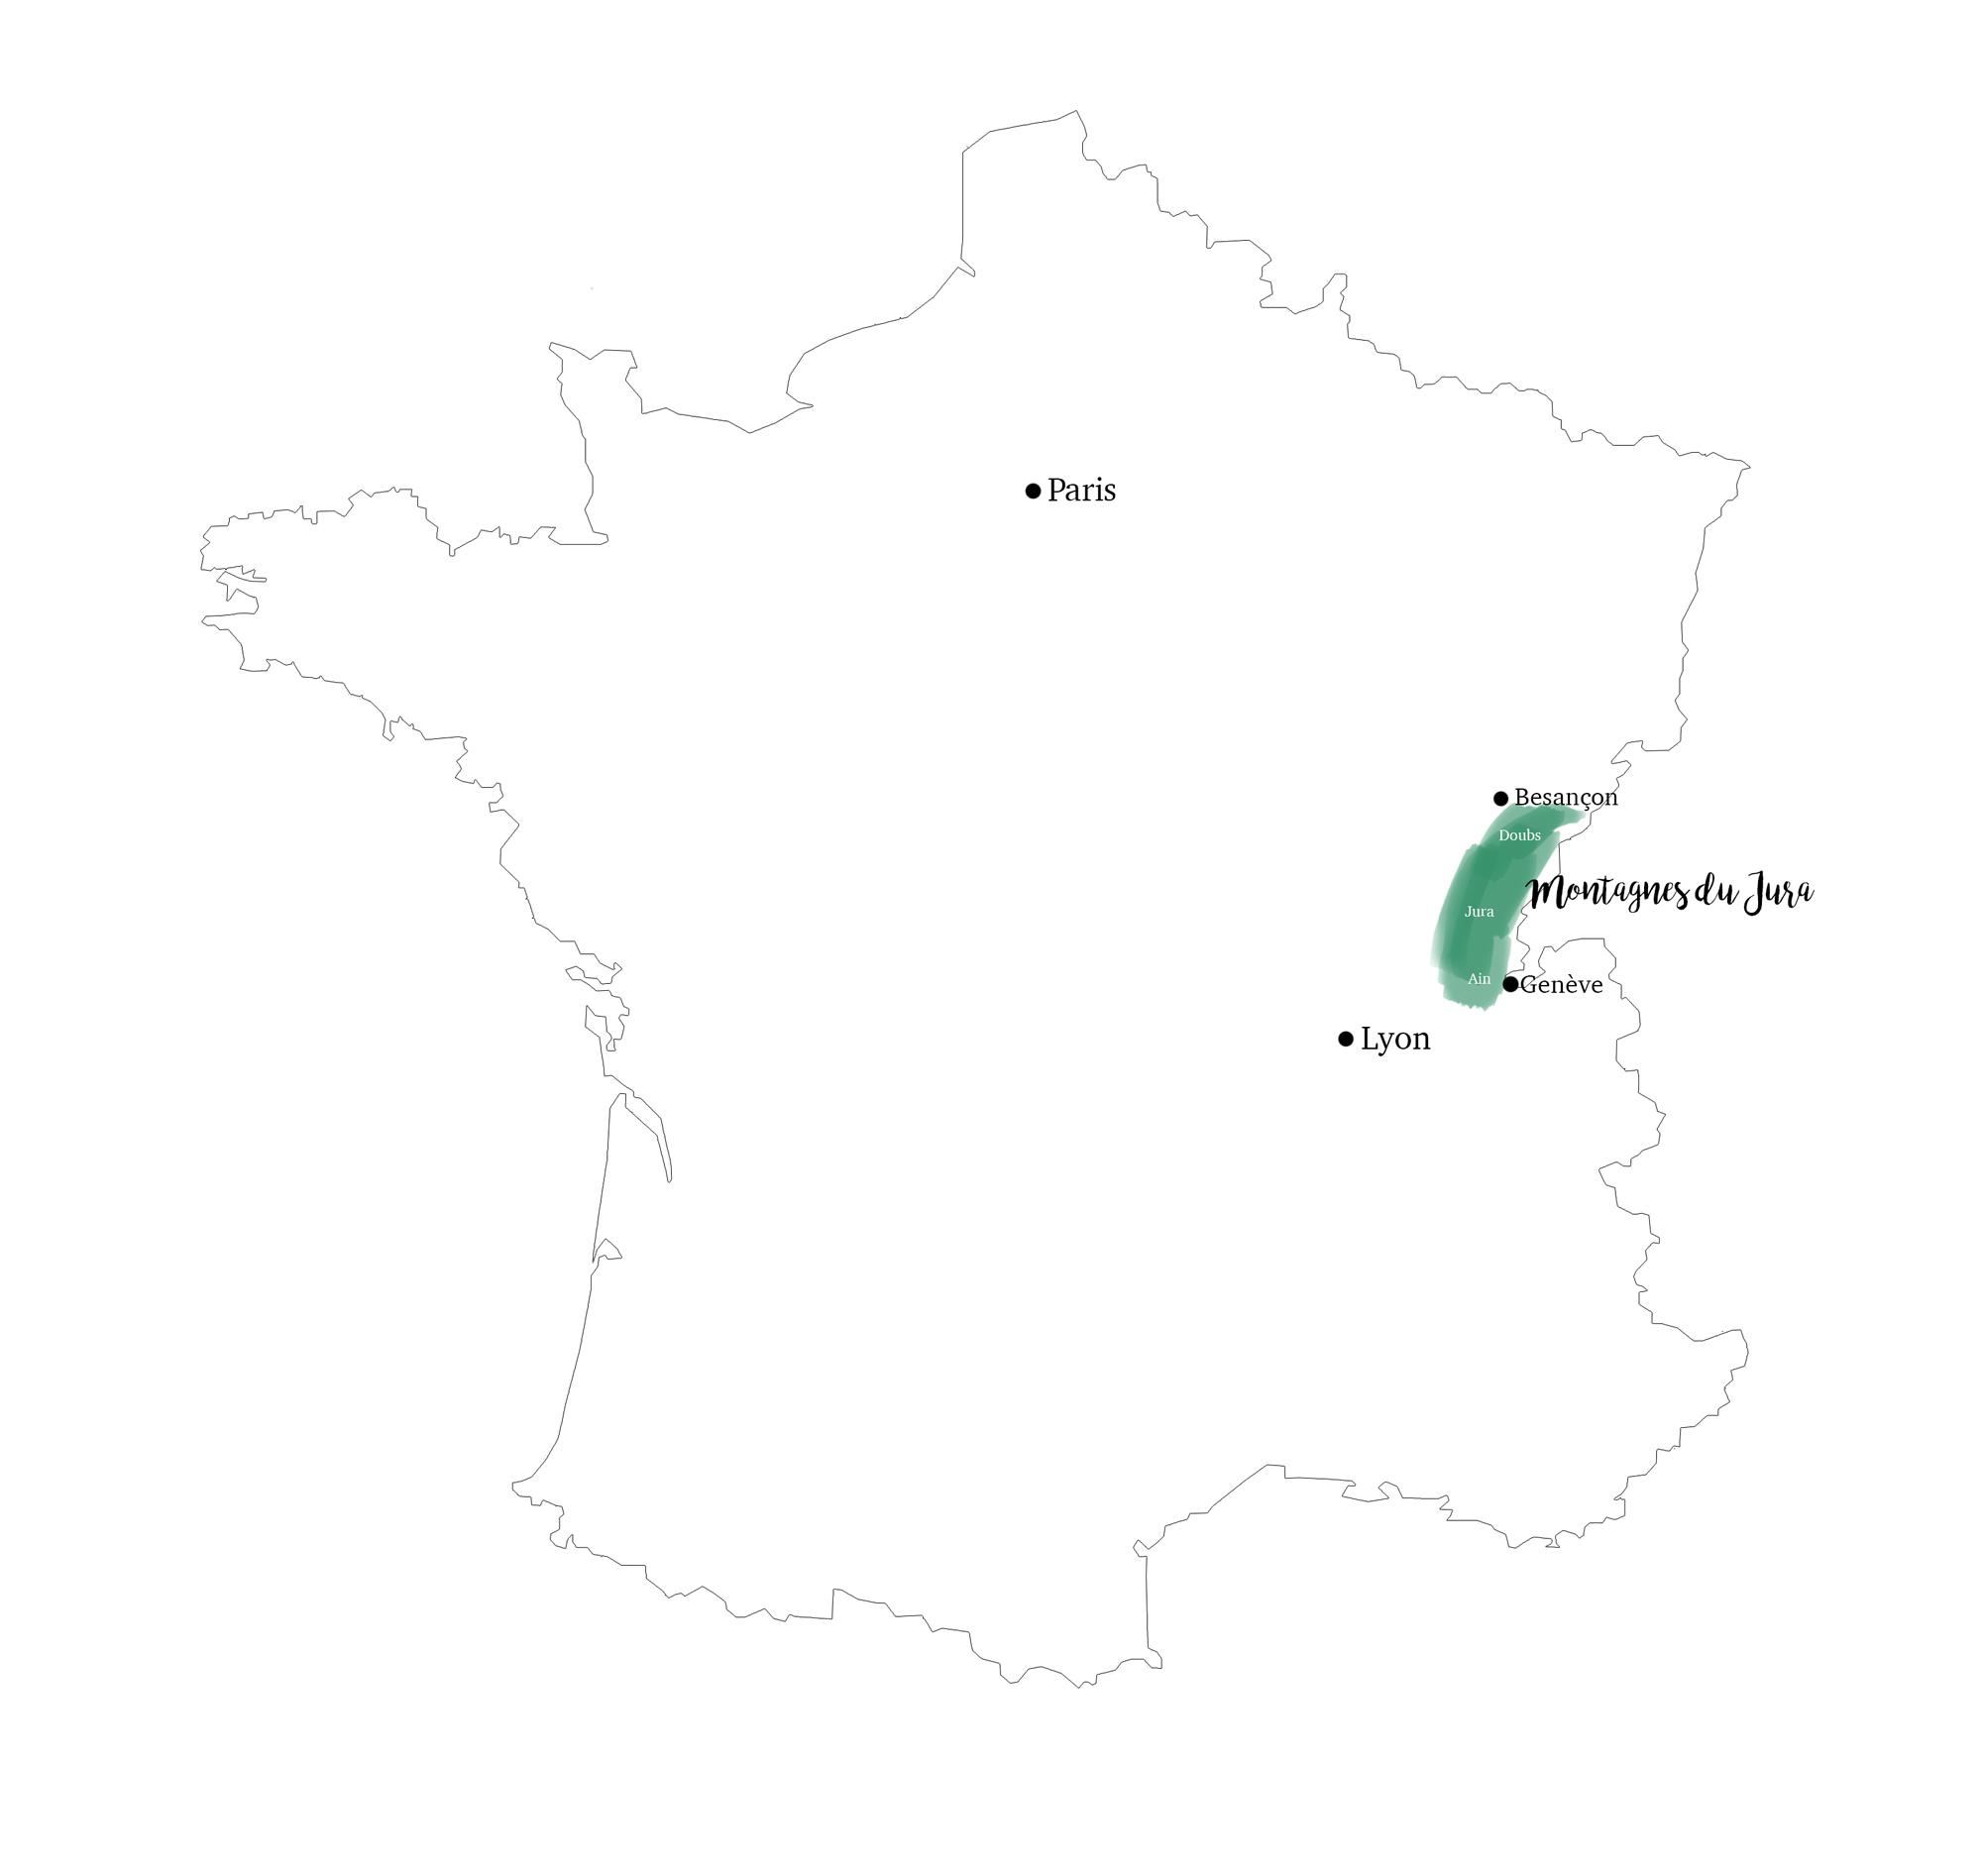 Les montagnes du Jura Carte